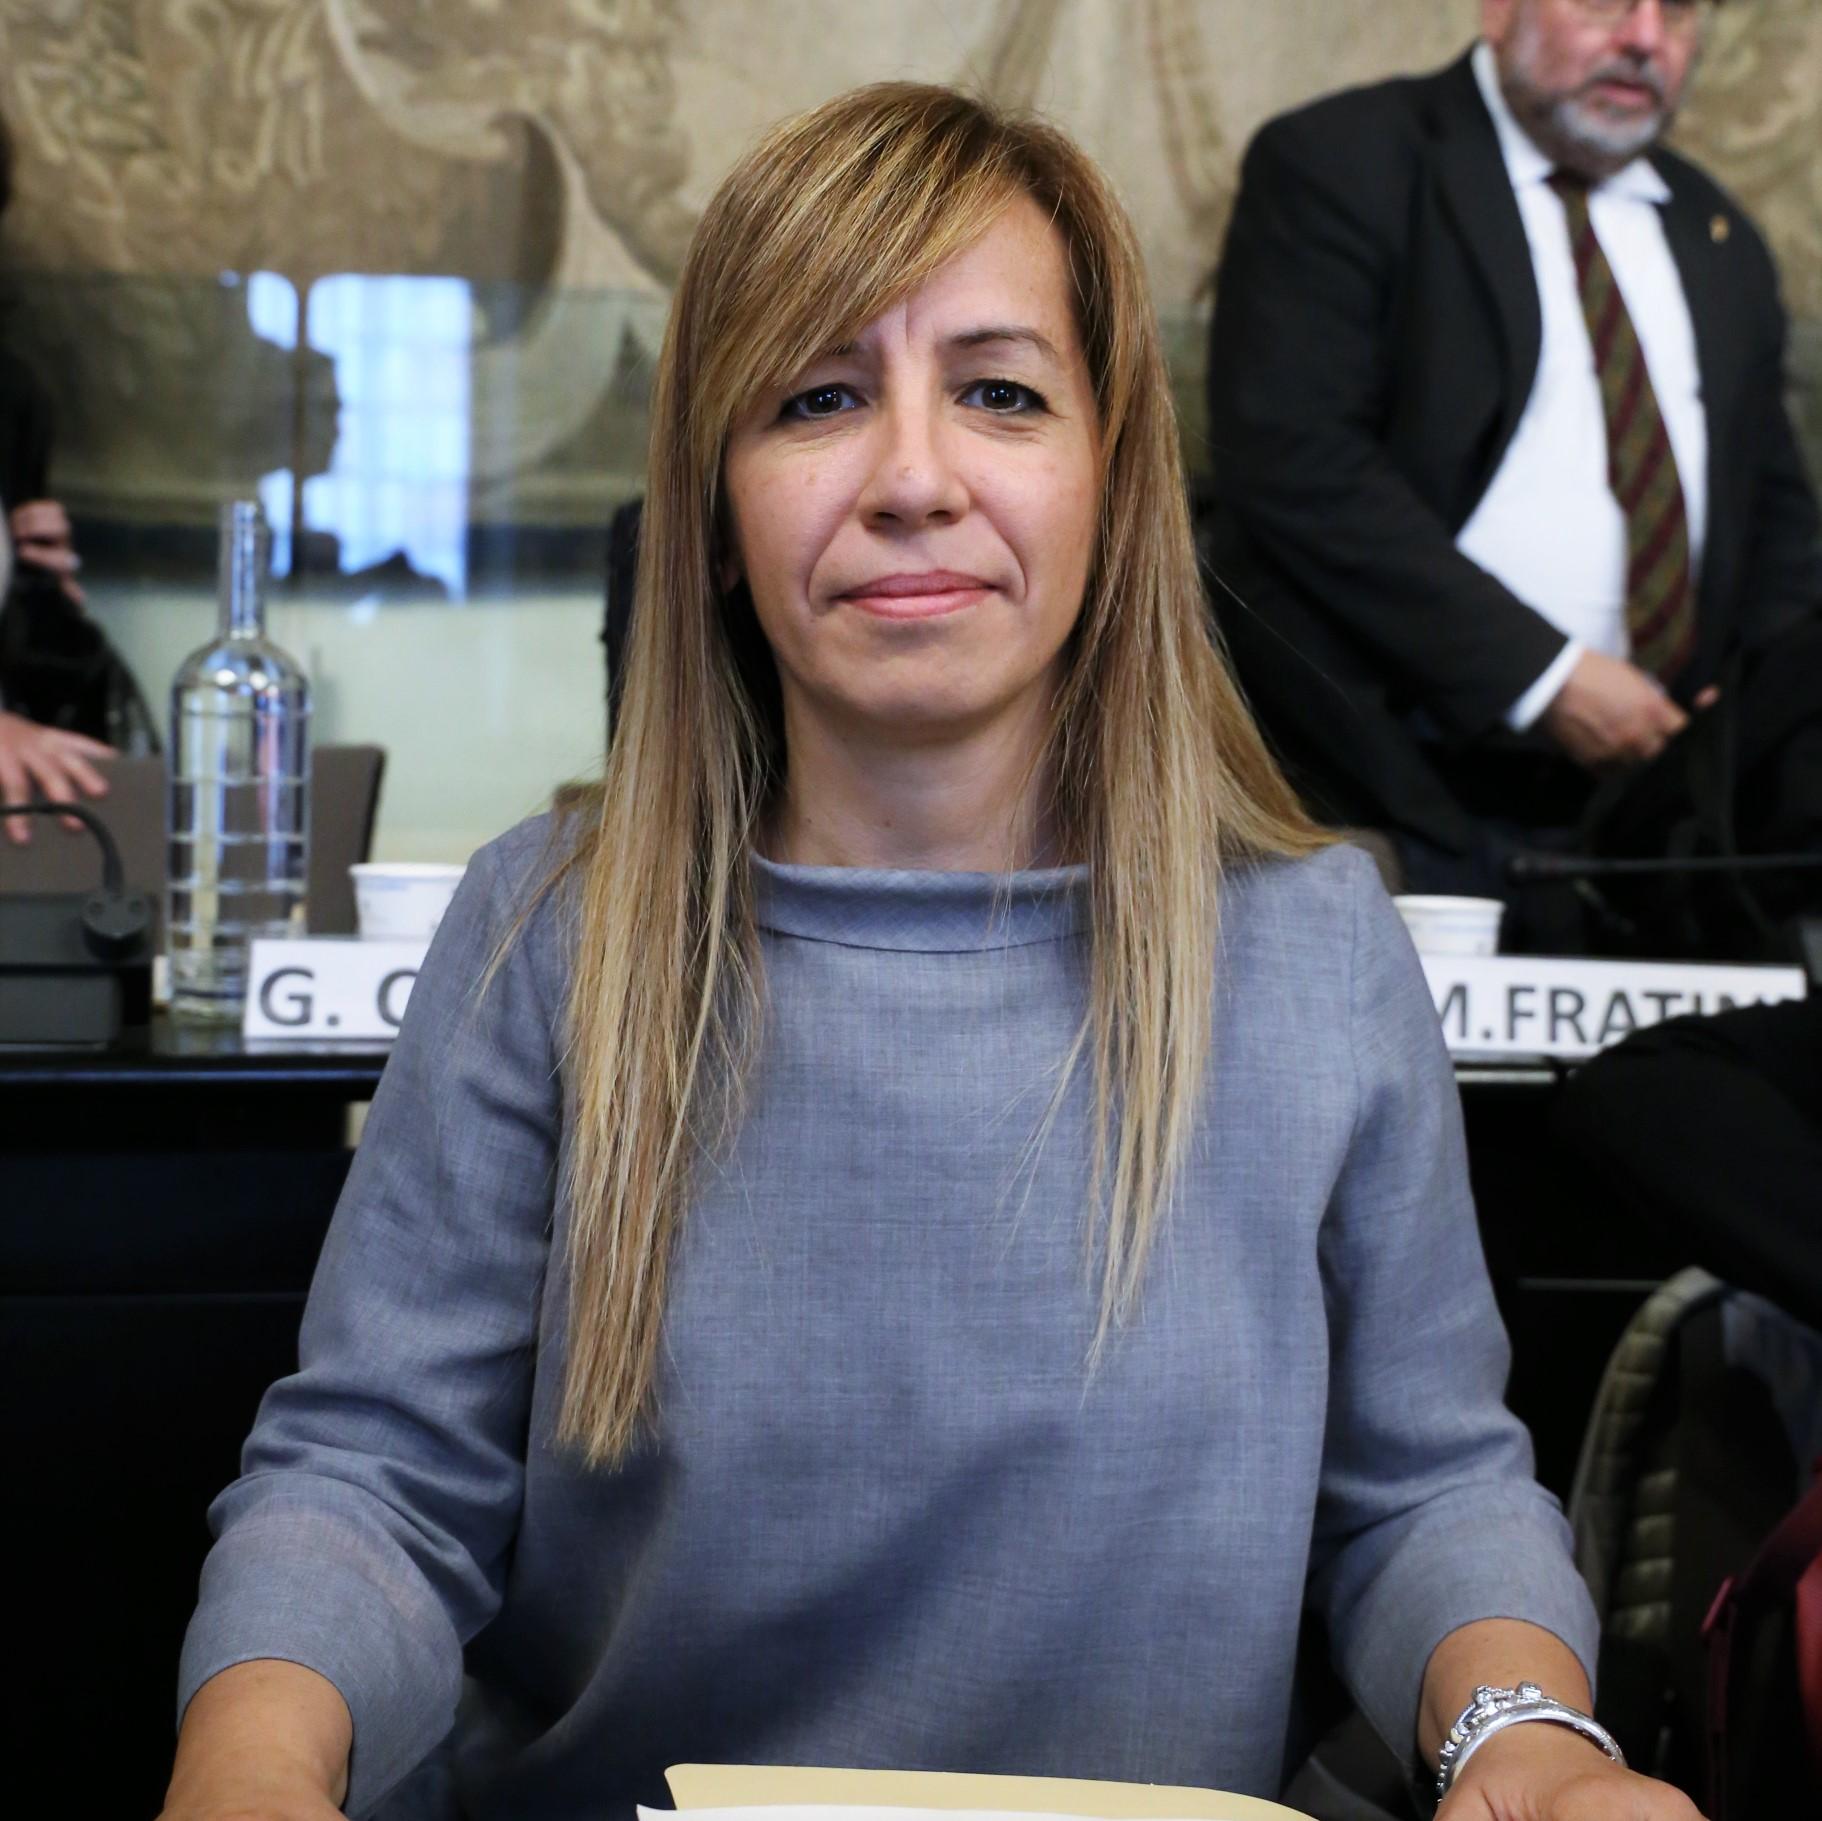 Partito Democratico_Monica Marini ph Antonello Serino